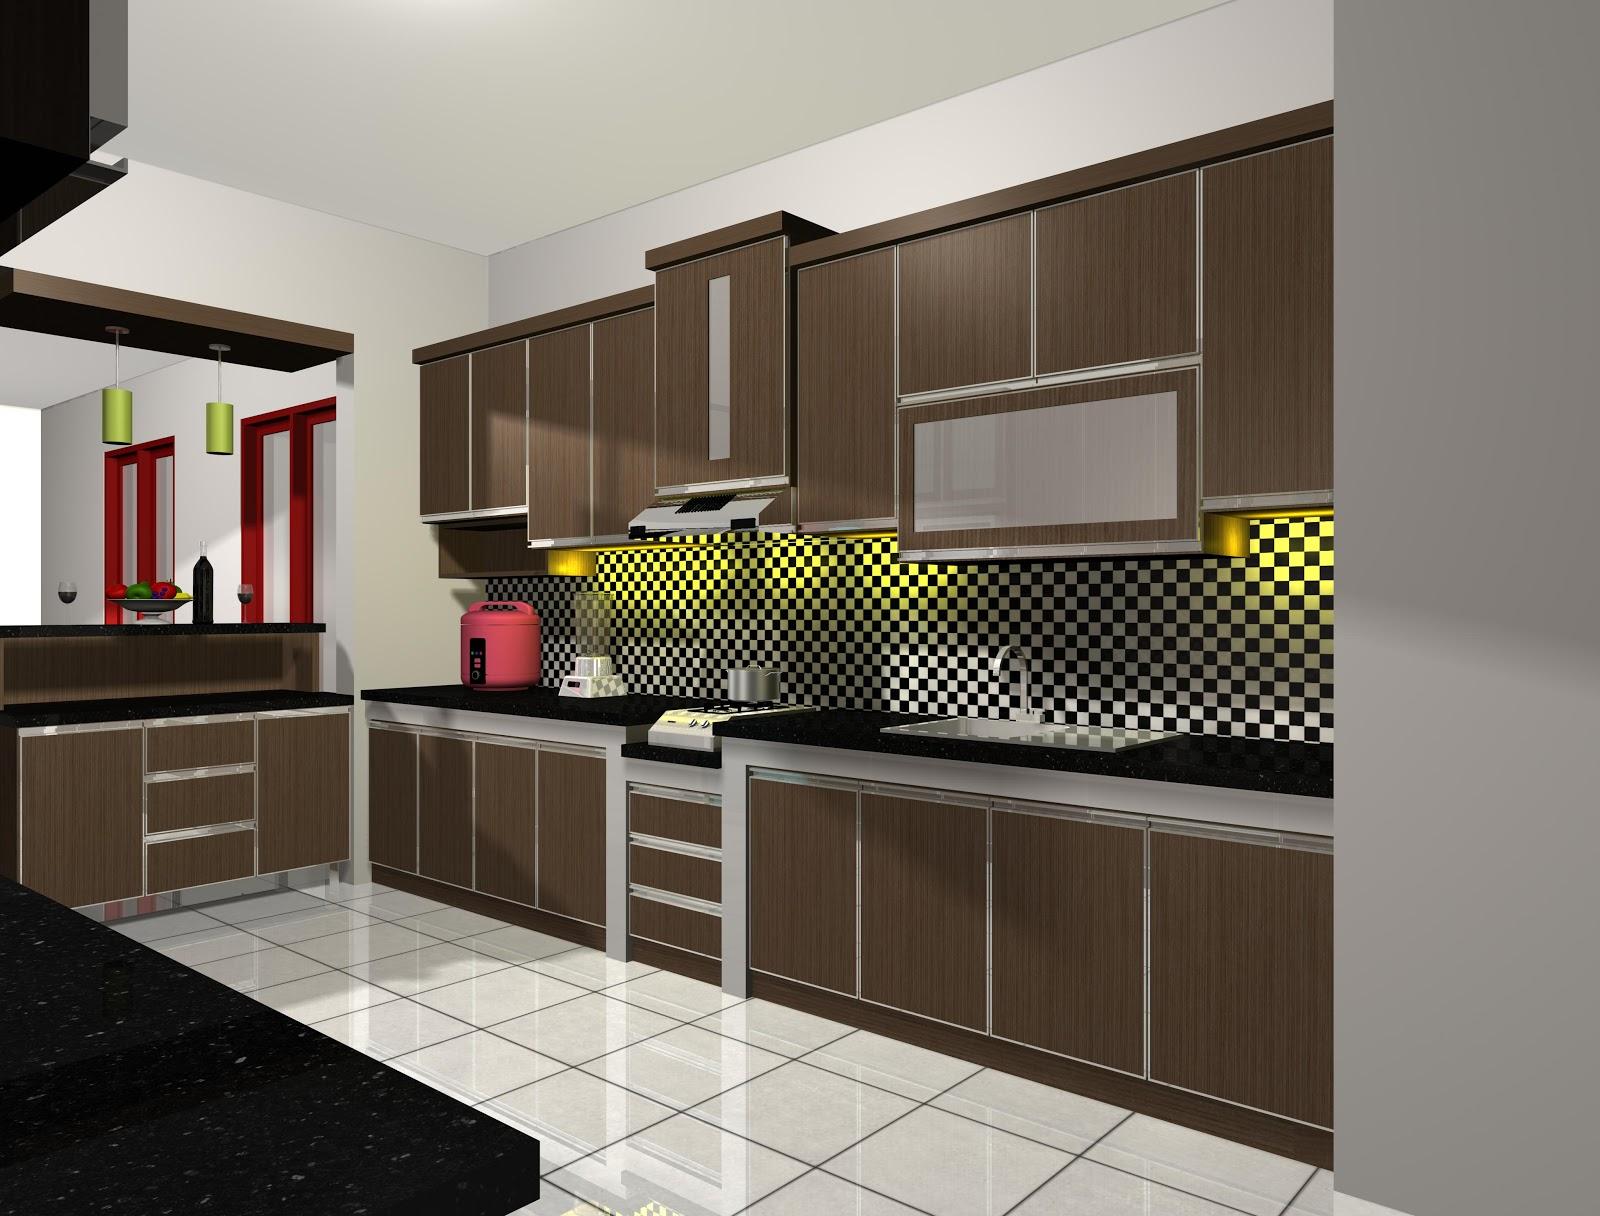 Desain Interior Dapur Rumah Modern  Terbaru 2016